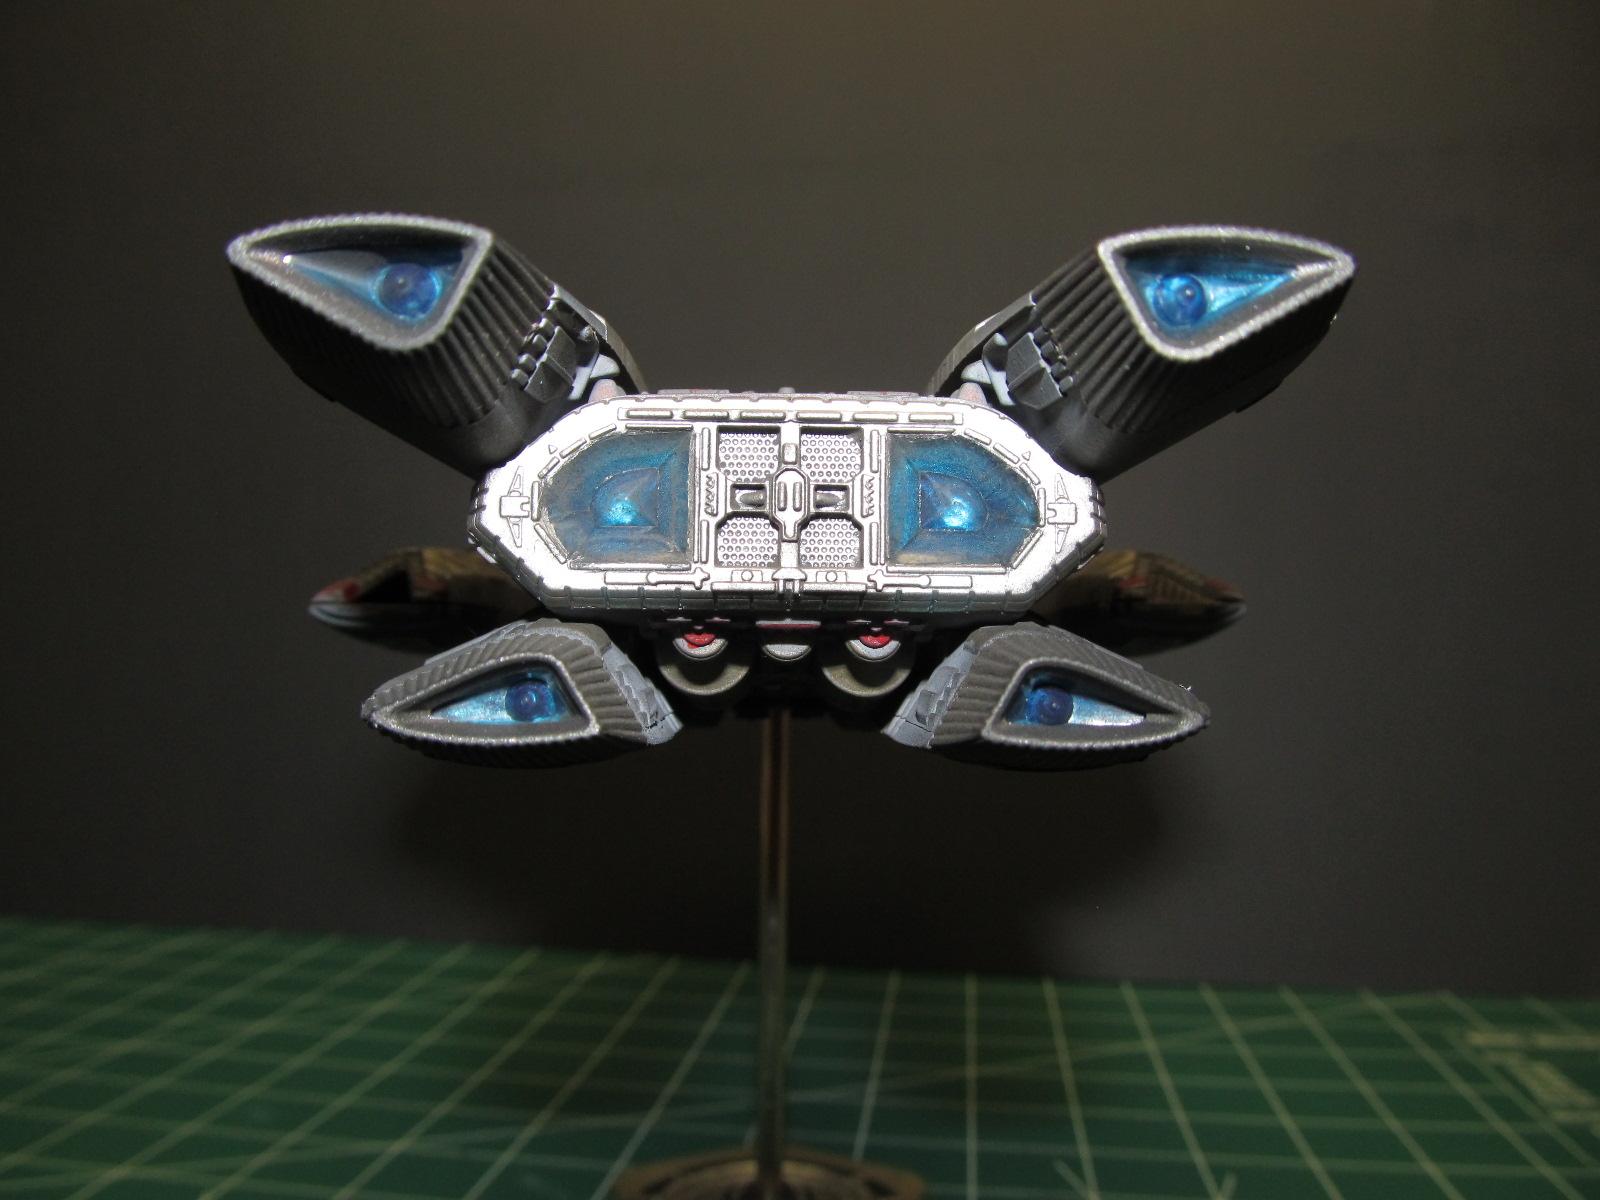 Battlestar Galactica Ship Starburst Models